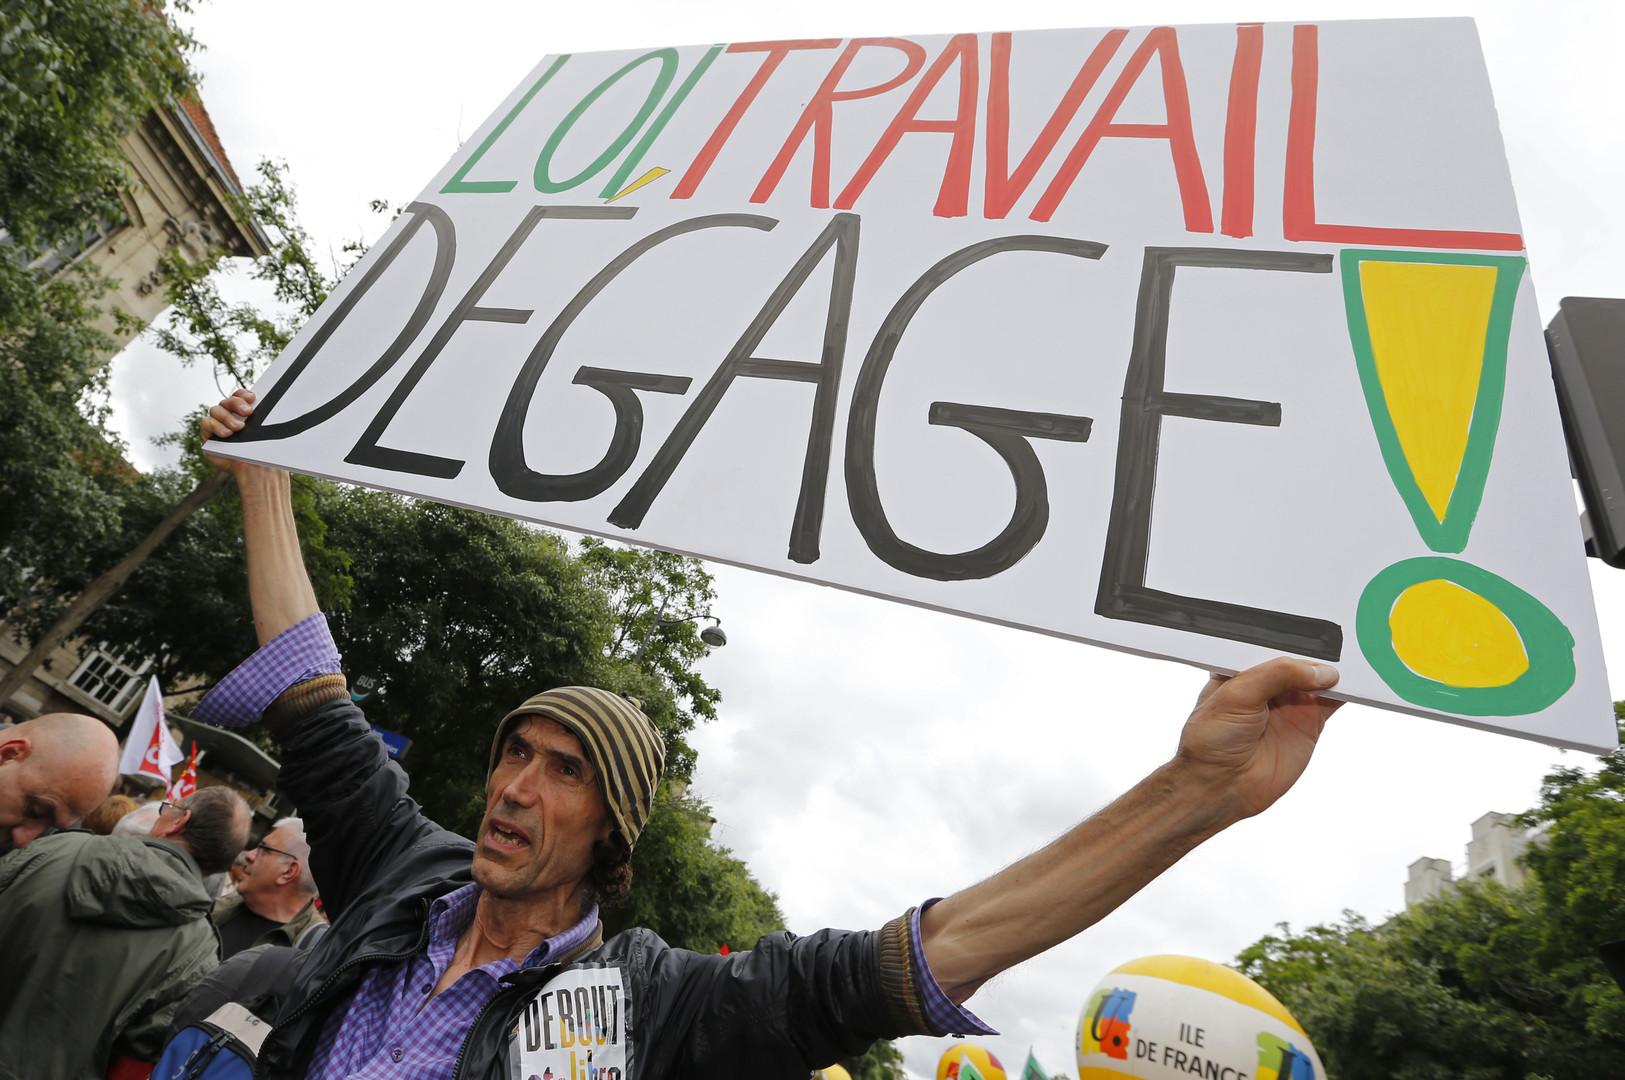 Frankreich protestiert gegen neues Arbeitsgesetz